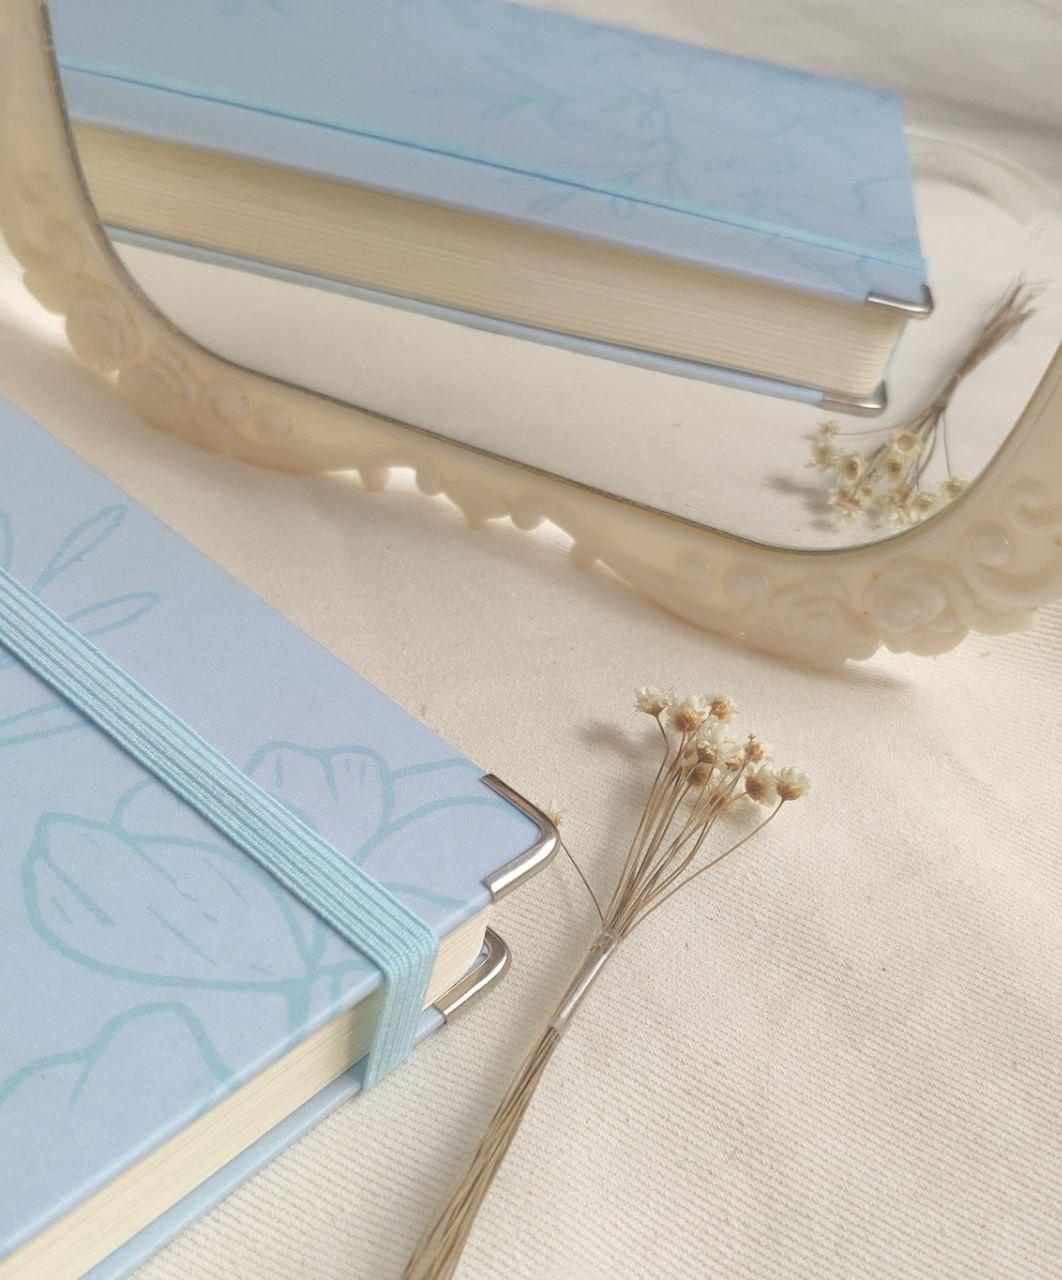 caderneta flora blue 90g/m²